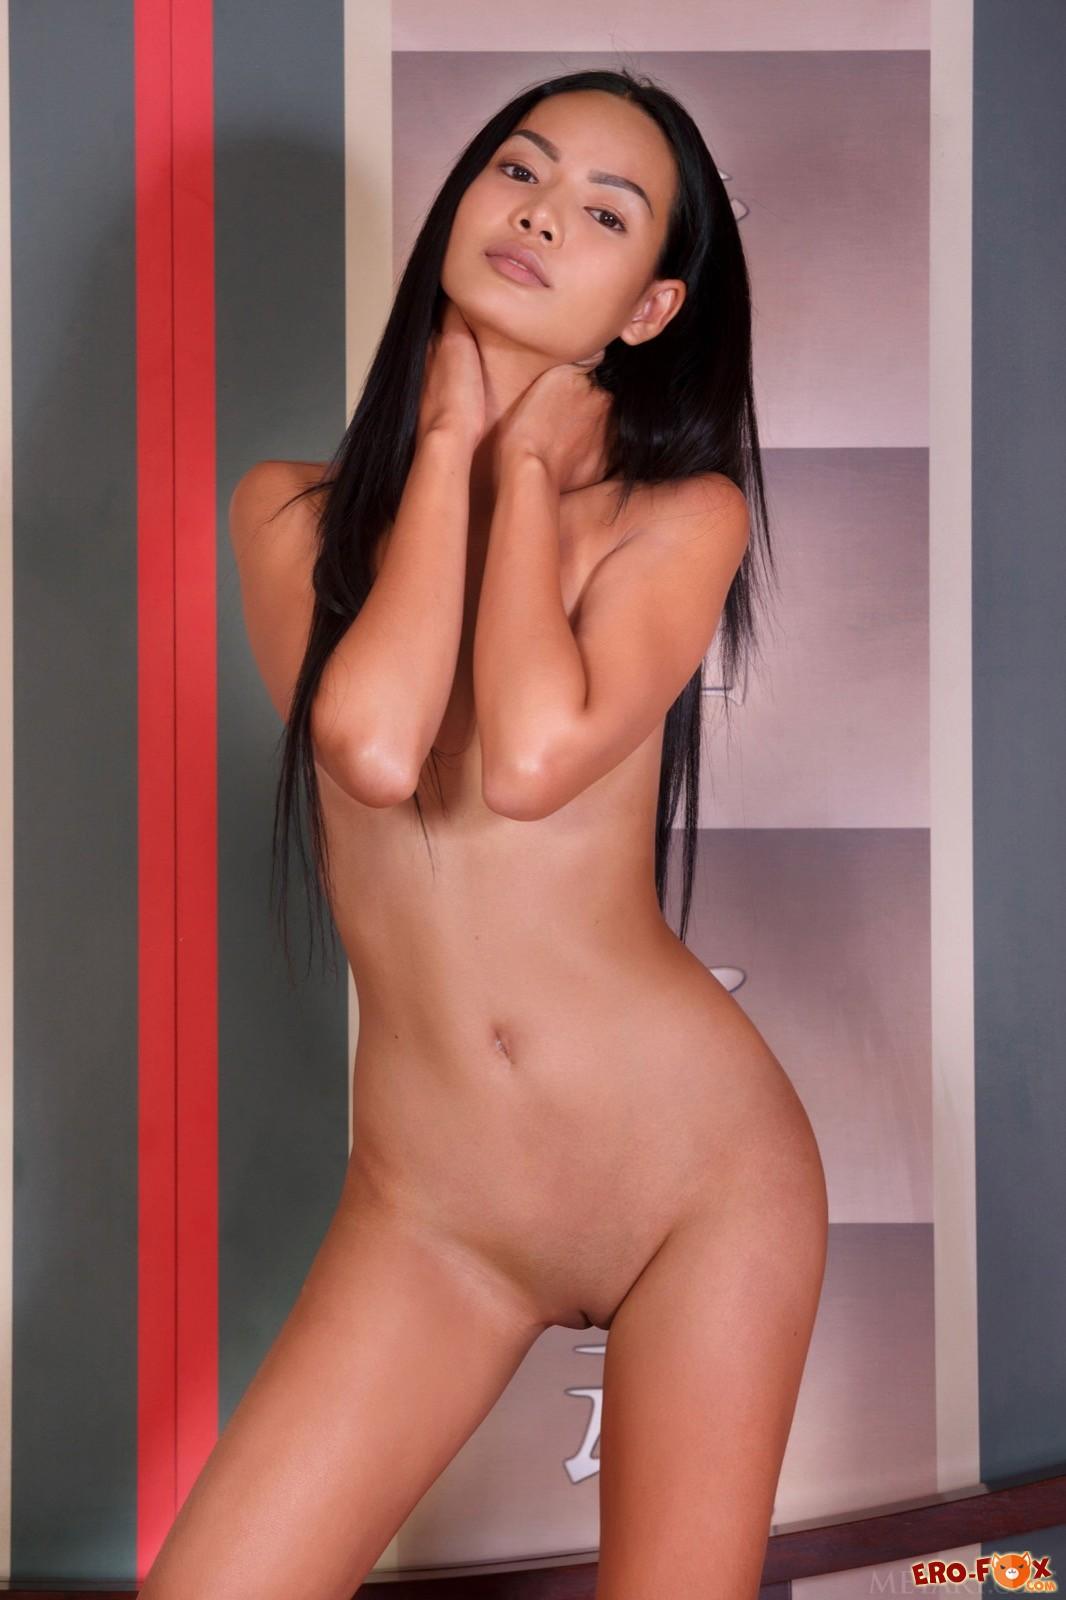 Молодая голая кореянка в постели - фото